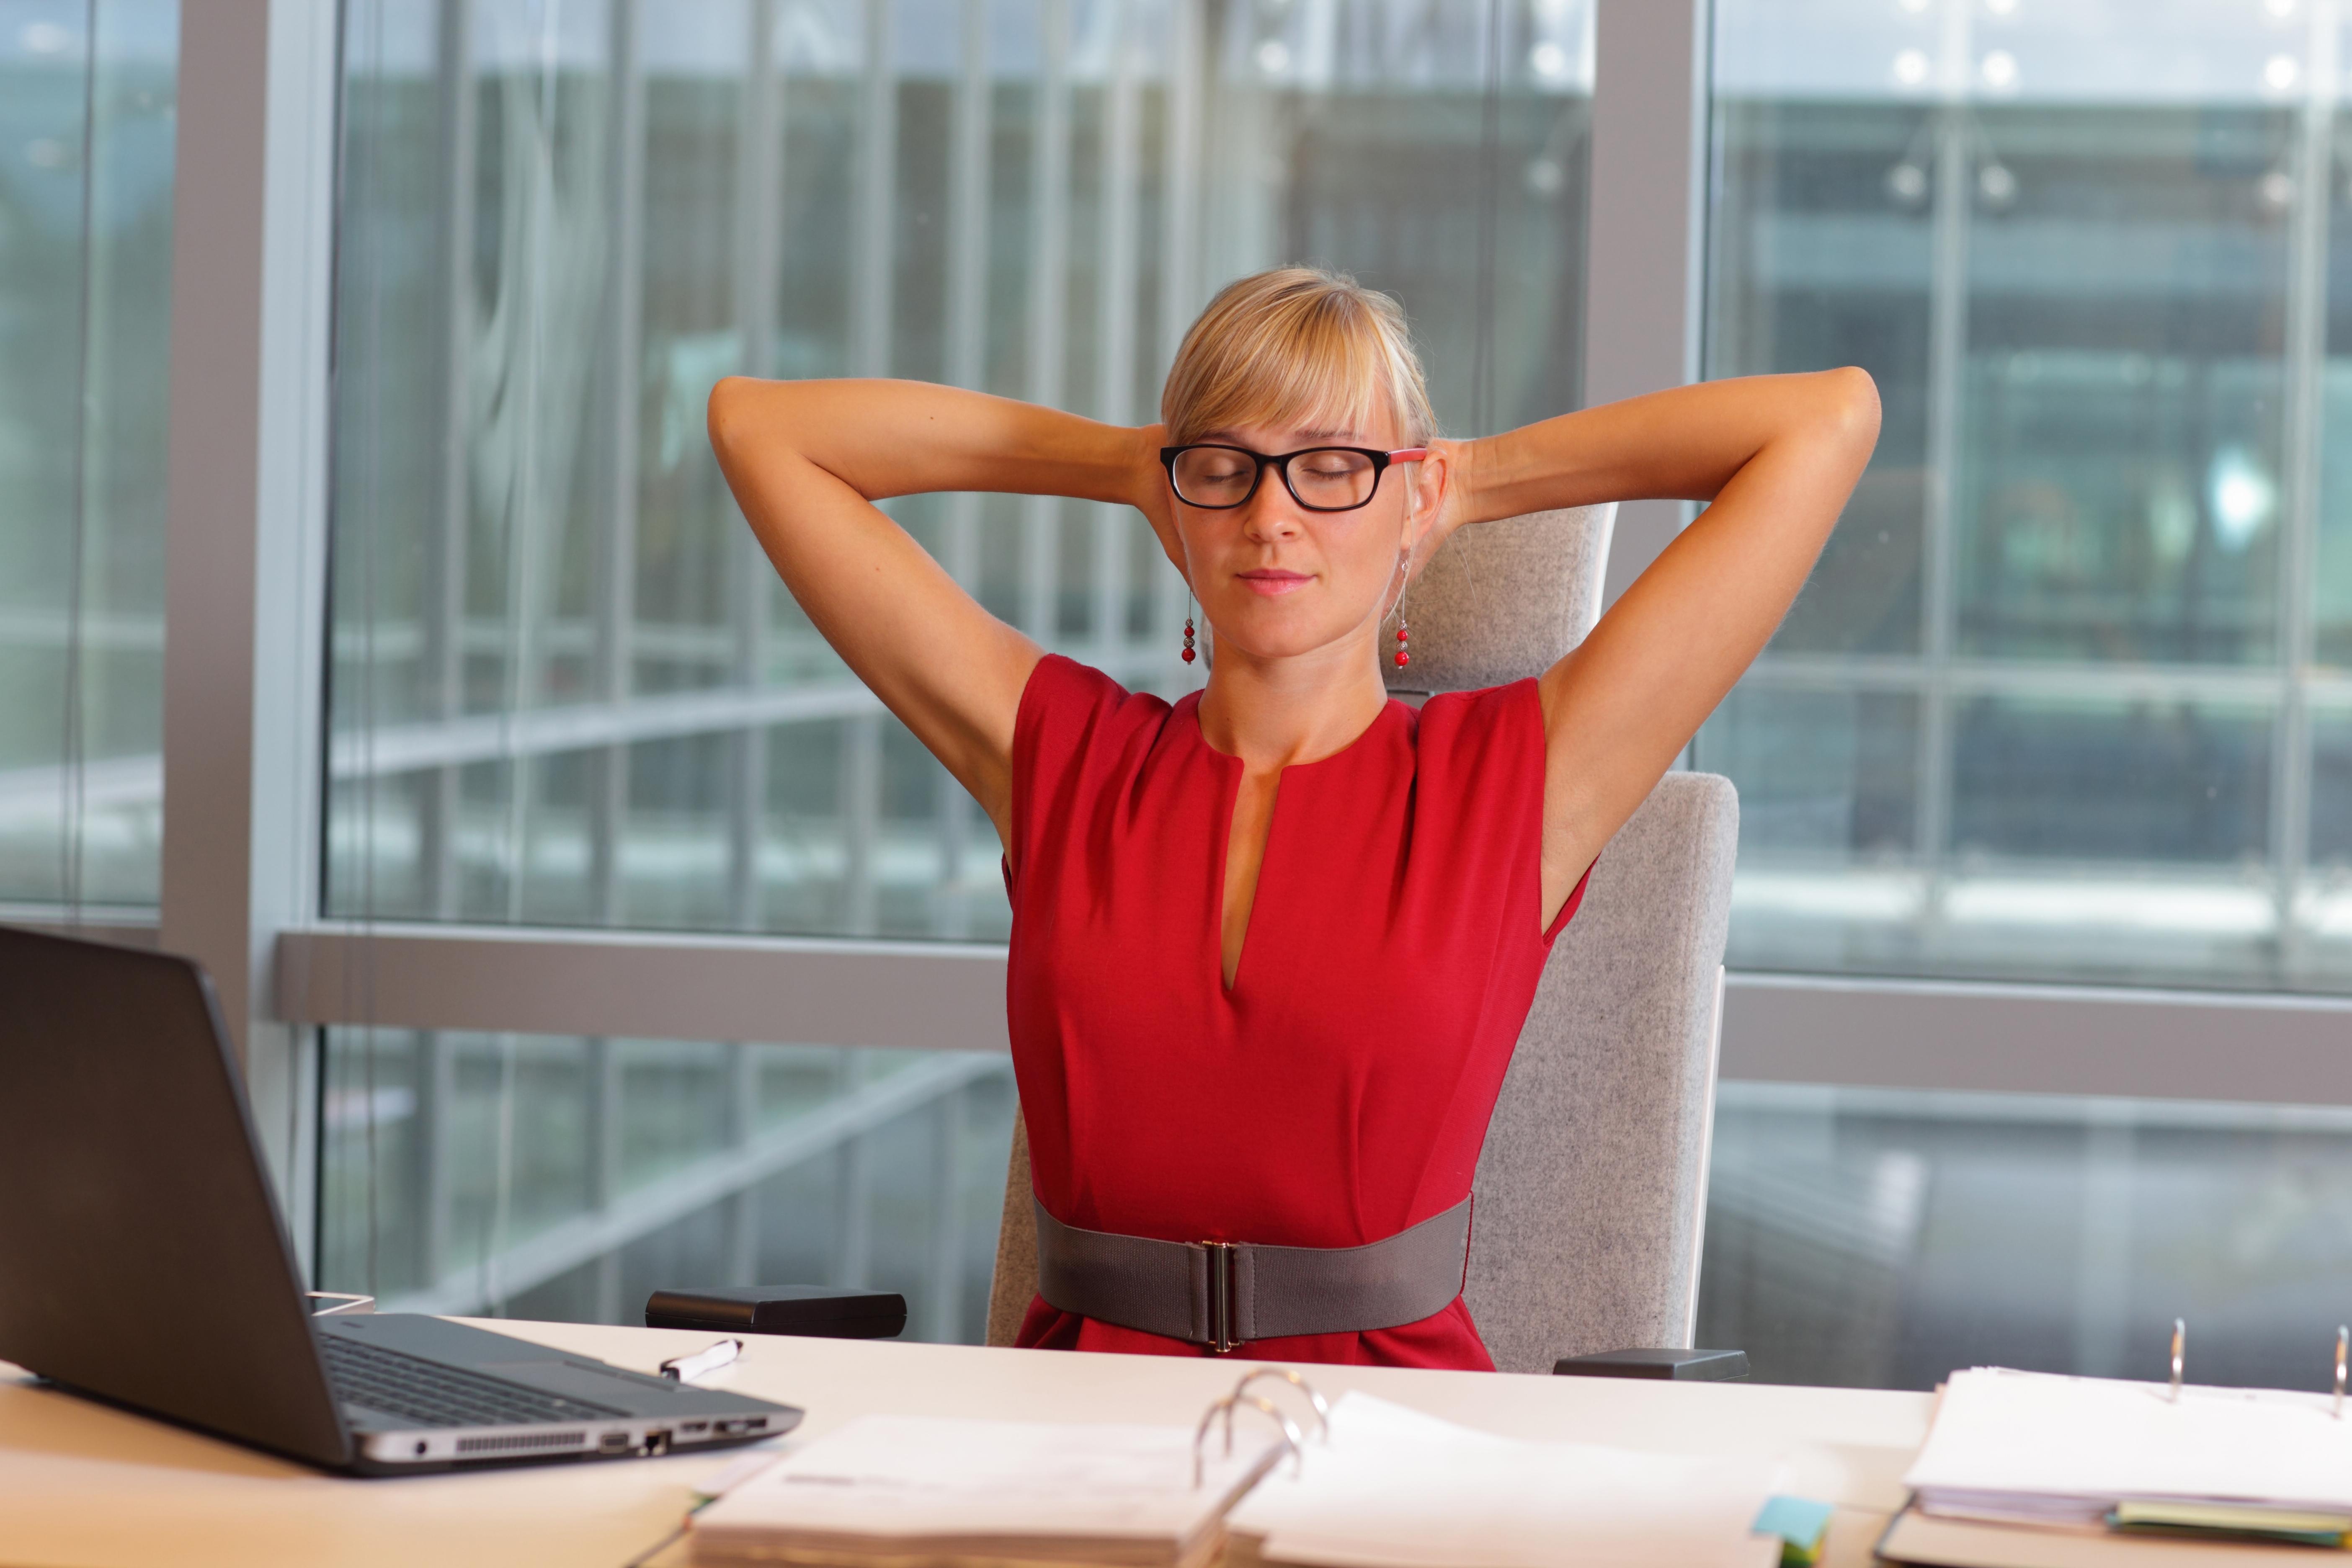 Як контролювати свої емоції в офісі